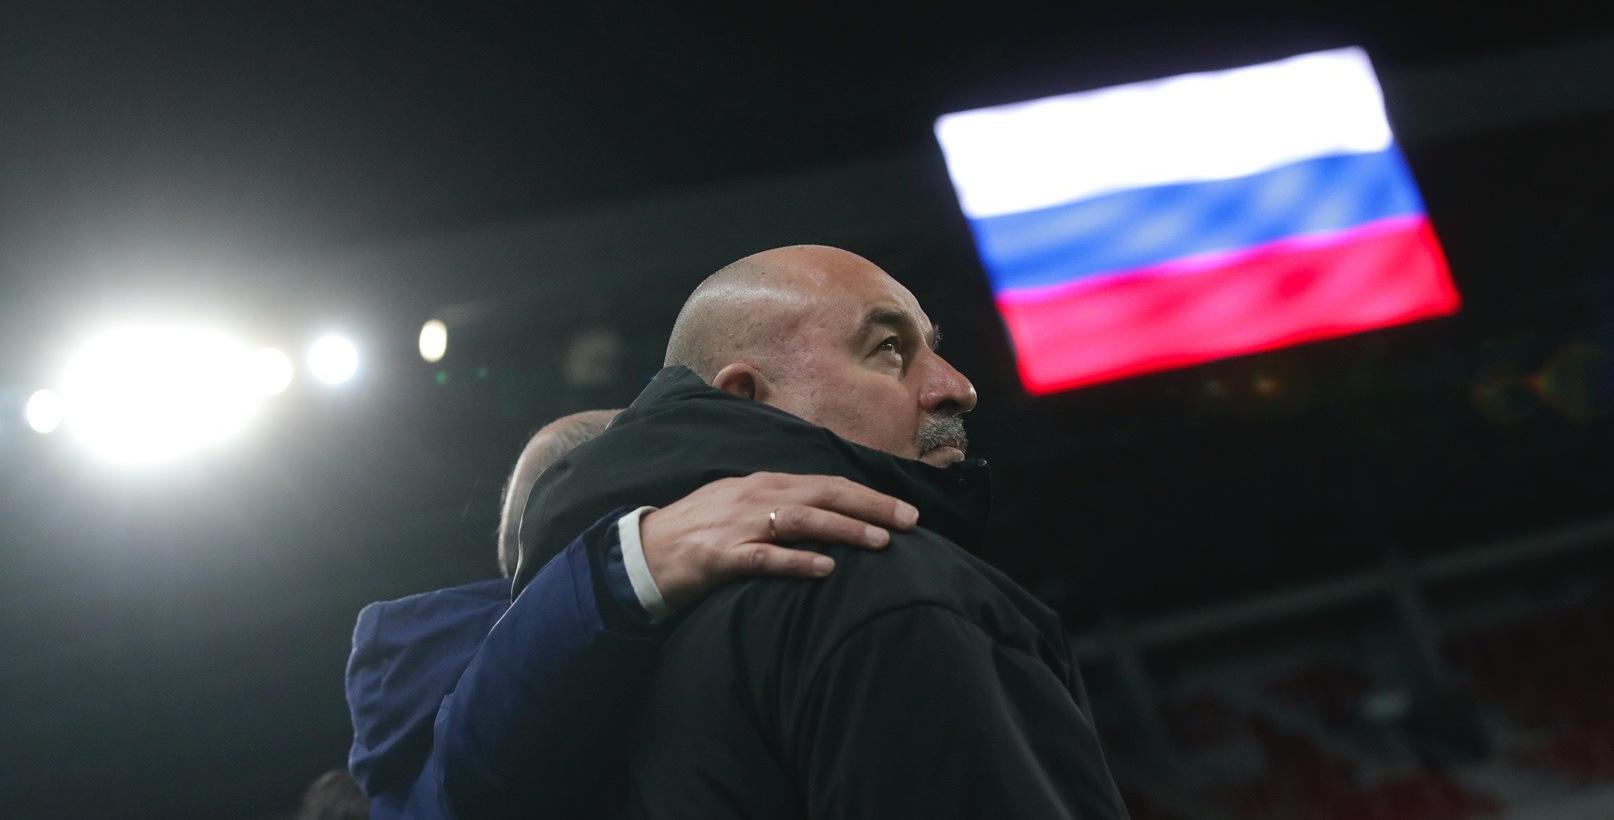 Черчесов – о сборной России на Евро-2020: Команда должна постараться показать свой максимум - фото